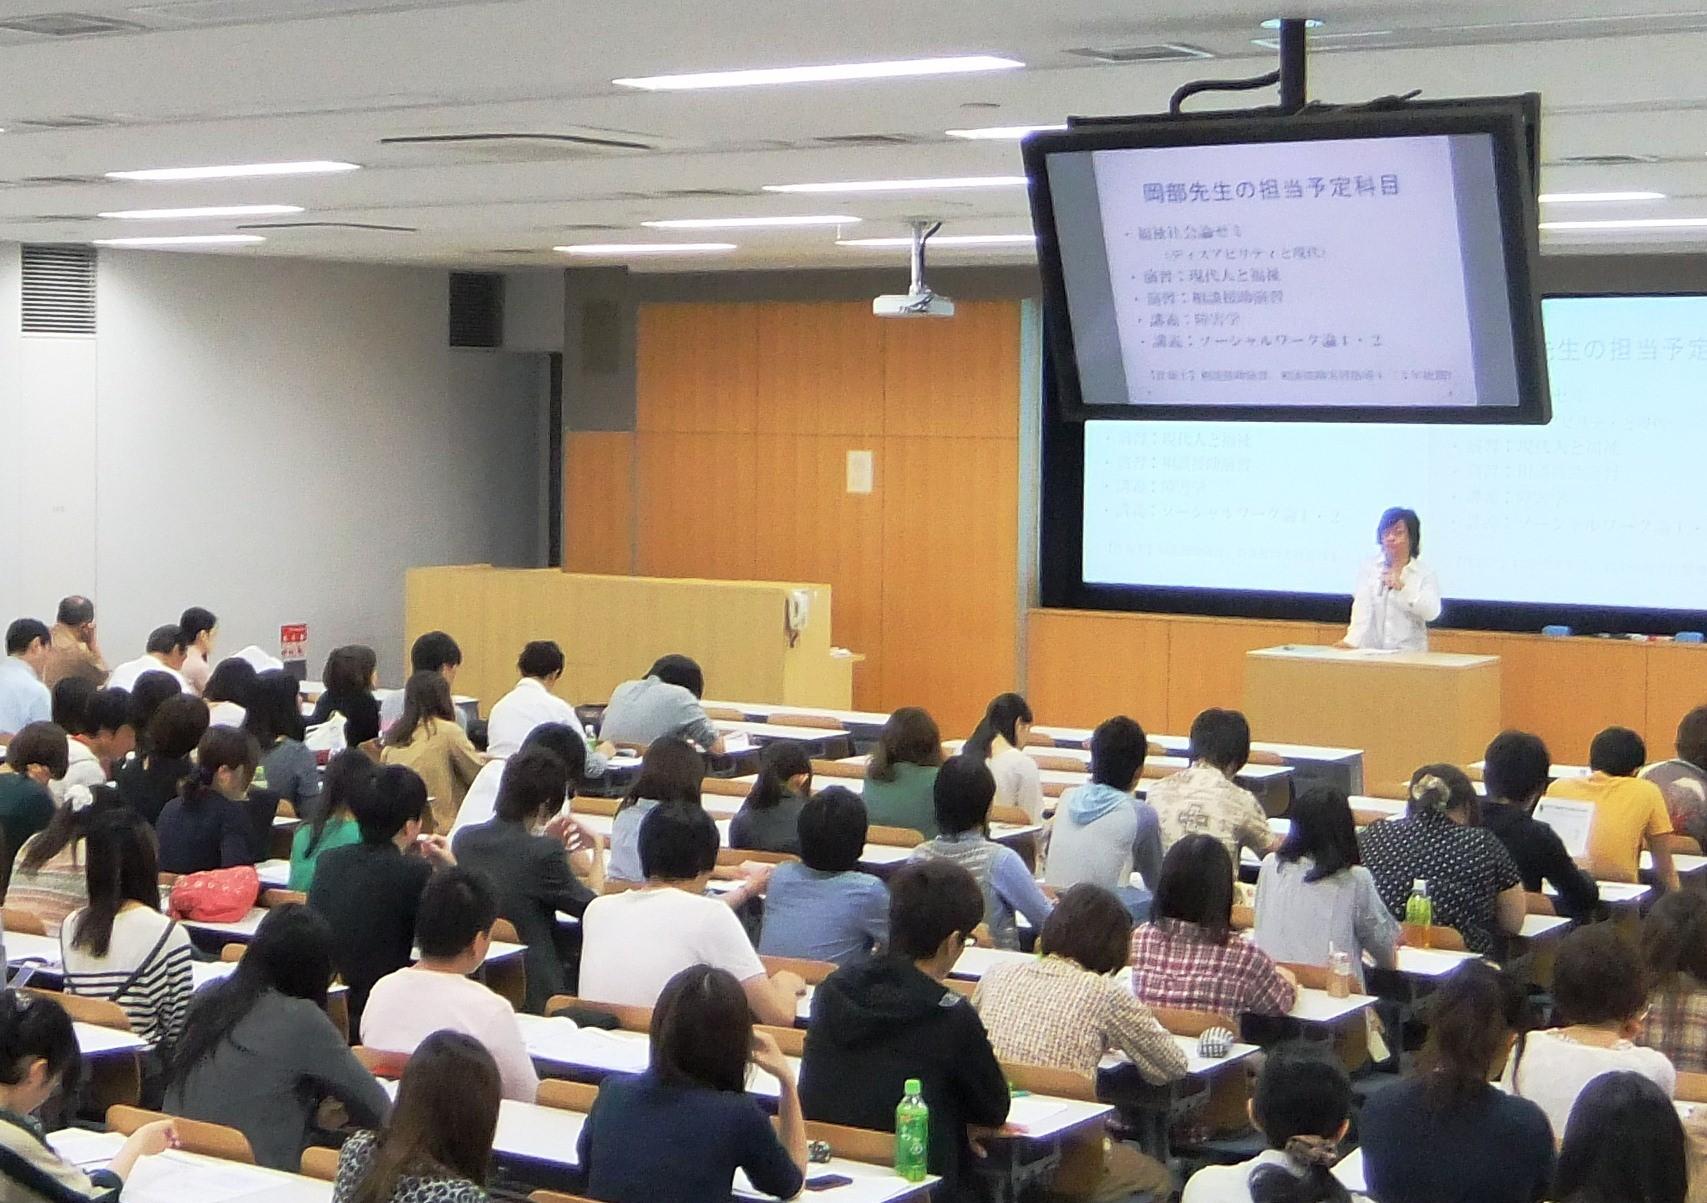 早稲田大学 戸山キャンパス に対する画像結果